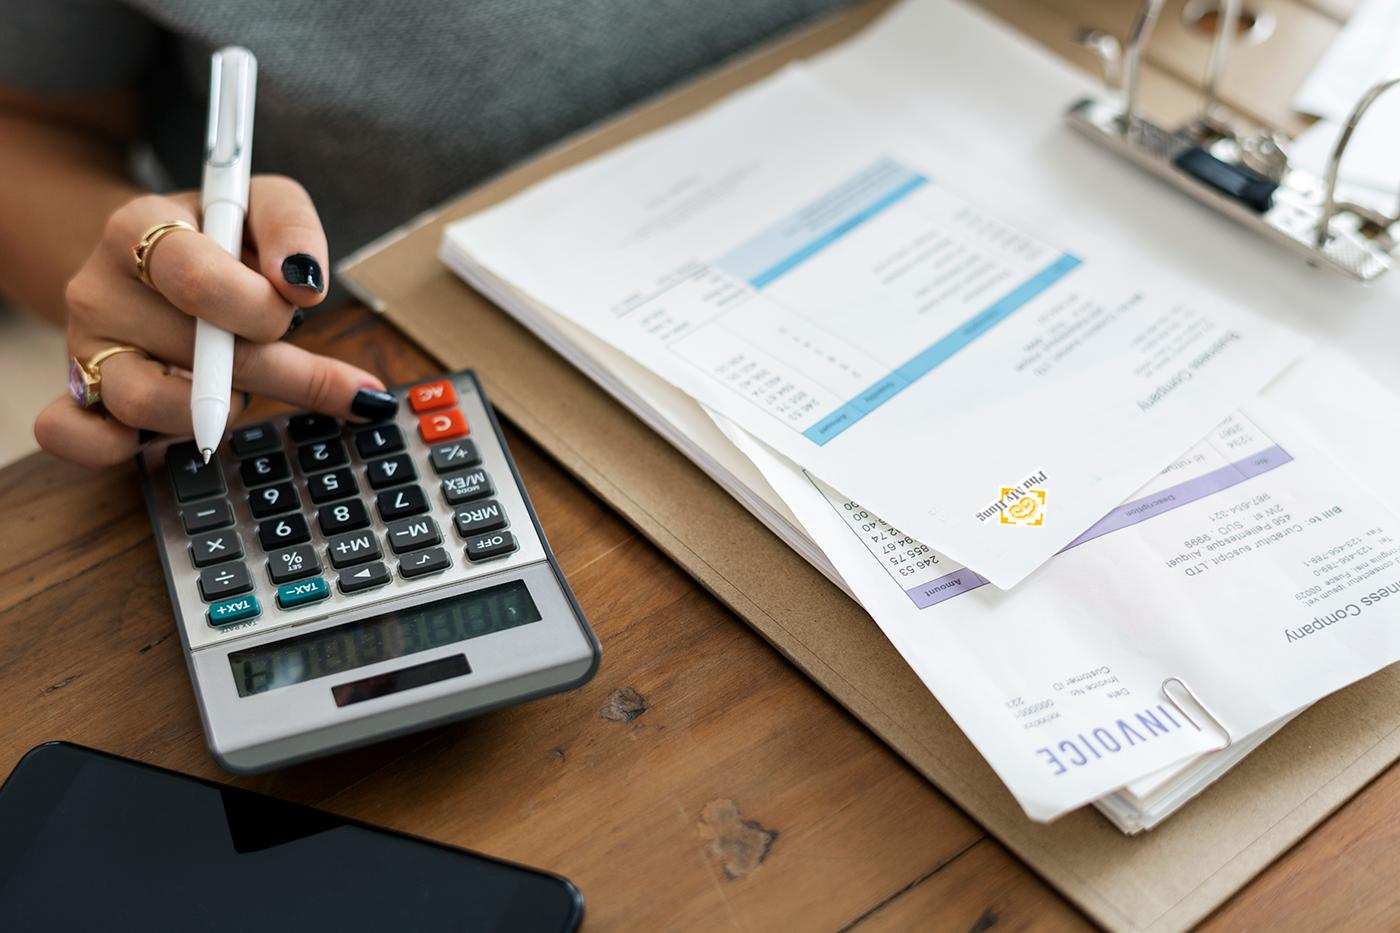 Phiếu đăng ký nhận thông báo phí và hóa đơn điện tử qua email phú mỹ hưng